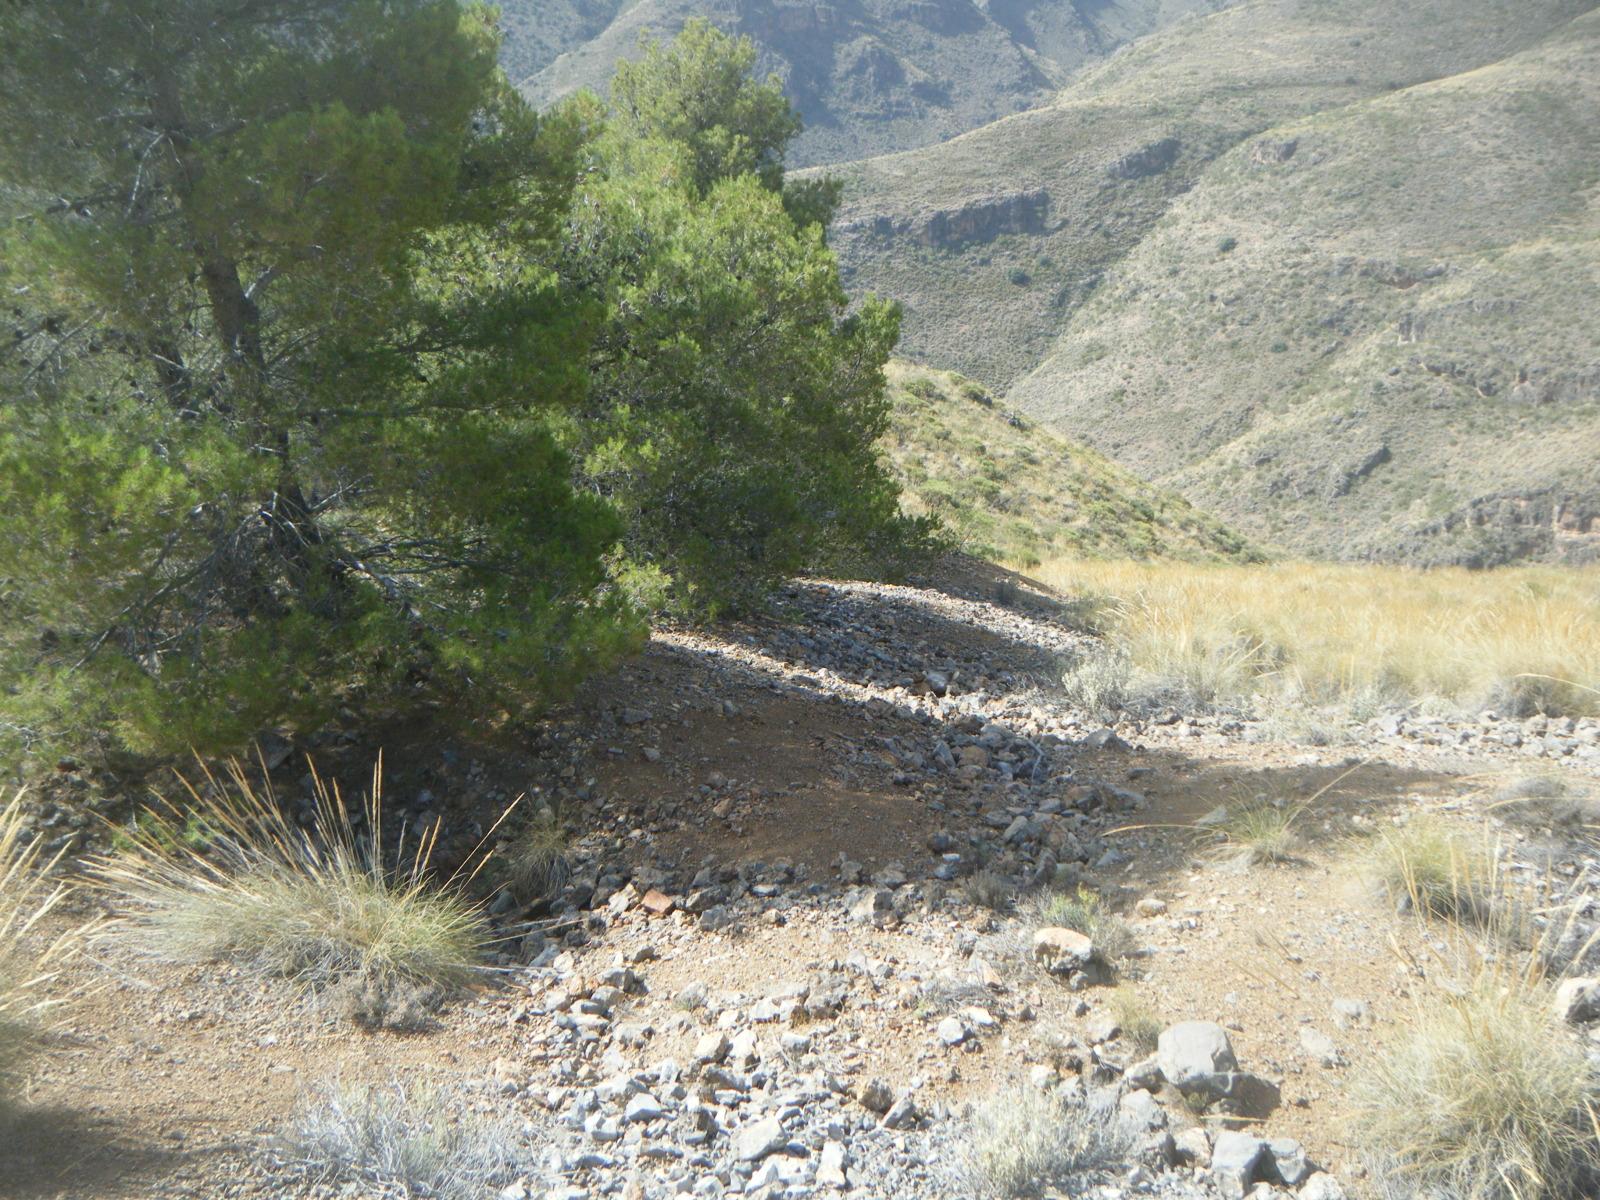 ¿ Mina Ora pró novis? Cerro Quintana, Canjáyar, Almeria, Andalucia, España 2nv412a